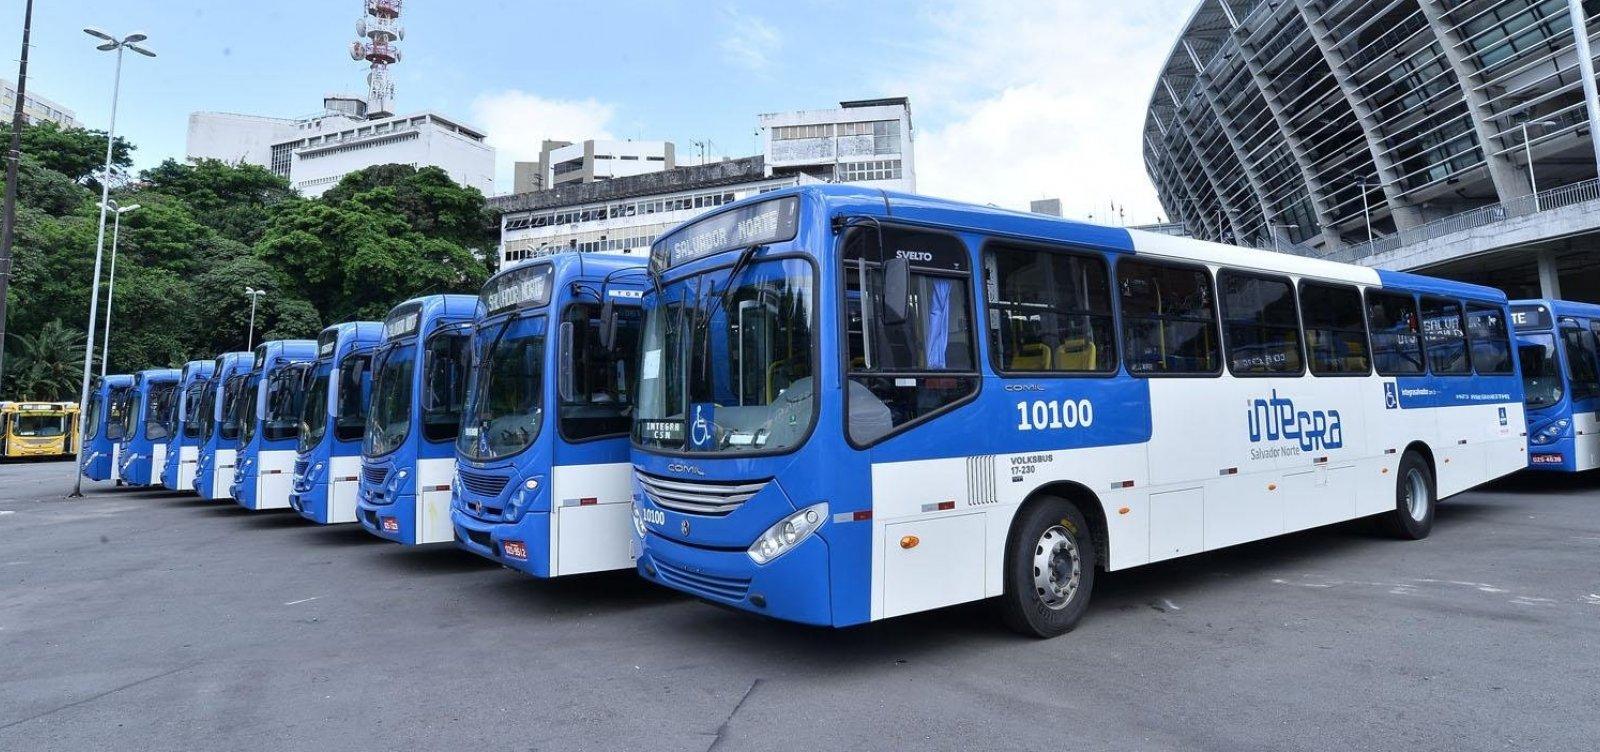 Horário de funcionamento dos transportes públicos é ampliado durante toque de recolher em Salvador